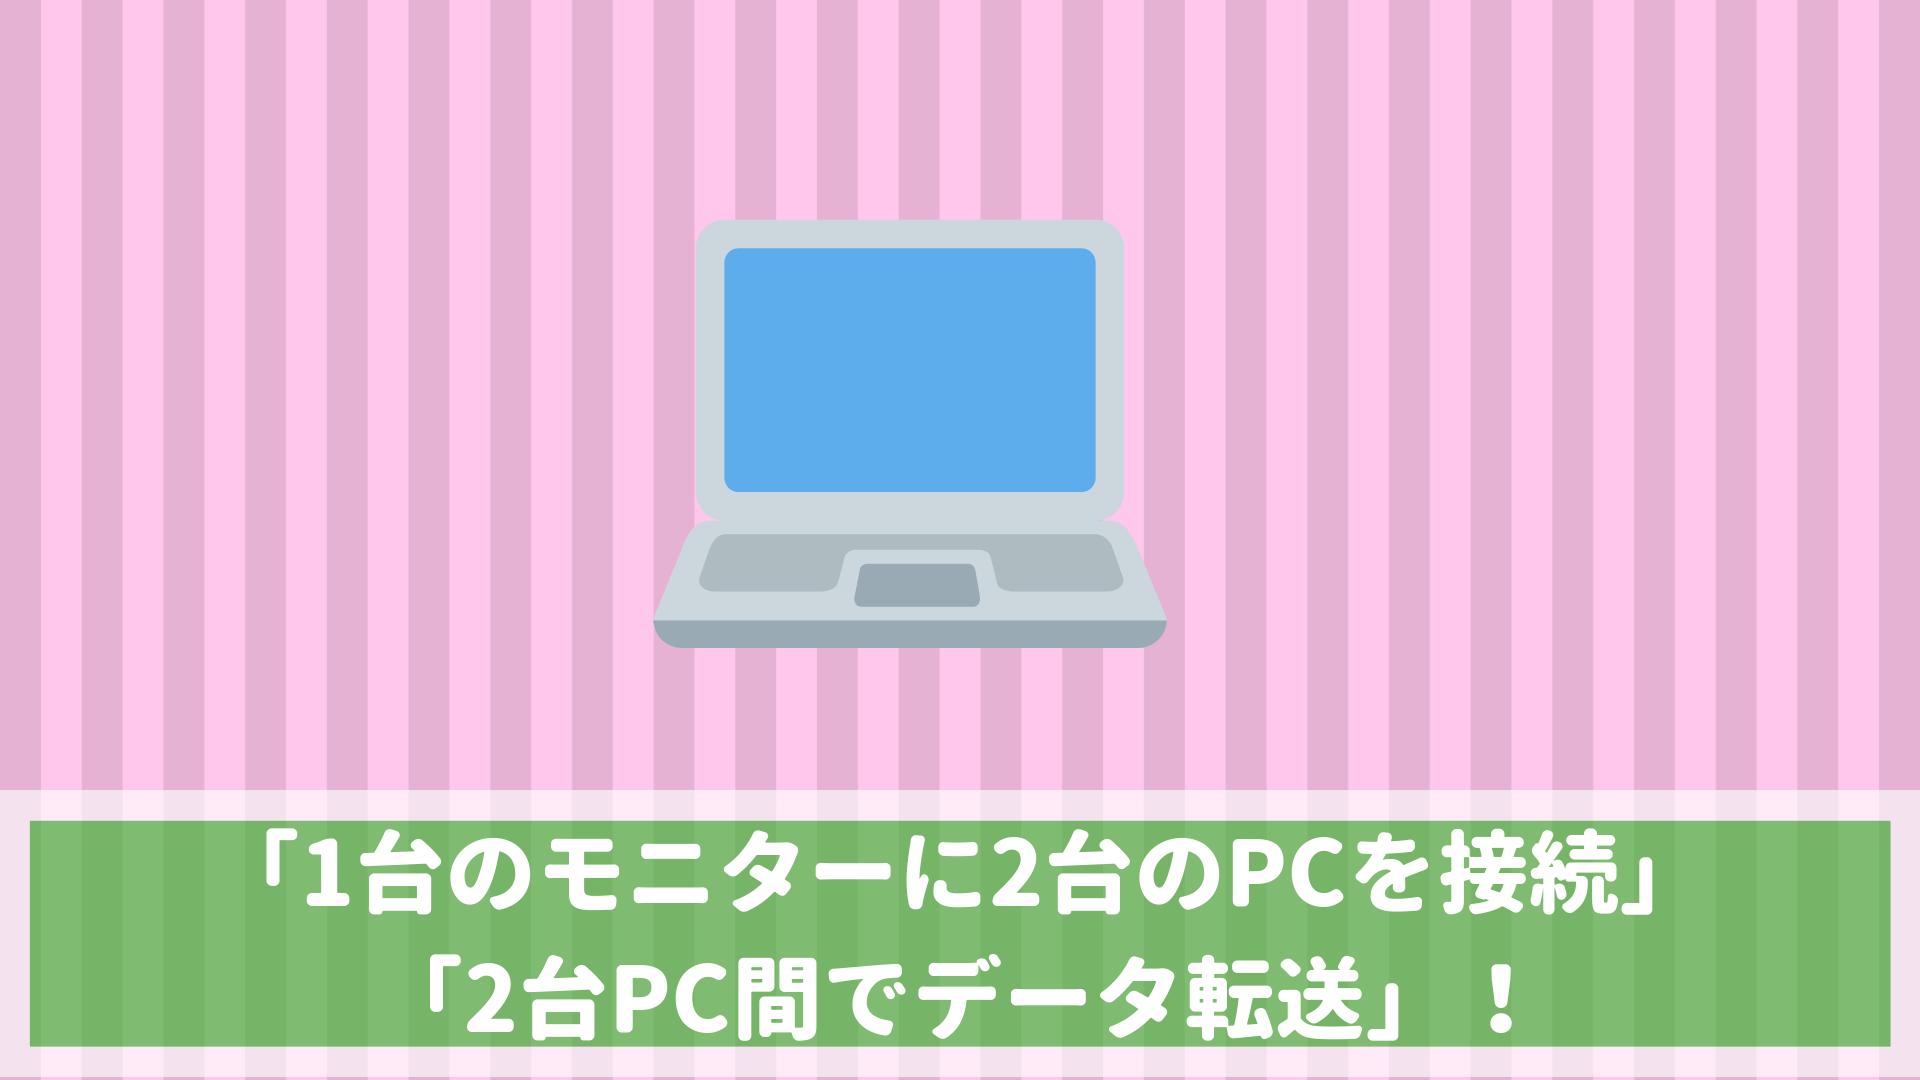 1台のモニターに2台のPCを接続&2台PC間でデータ転送